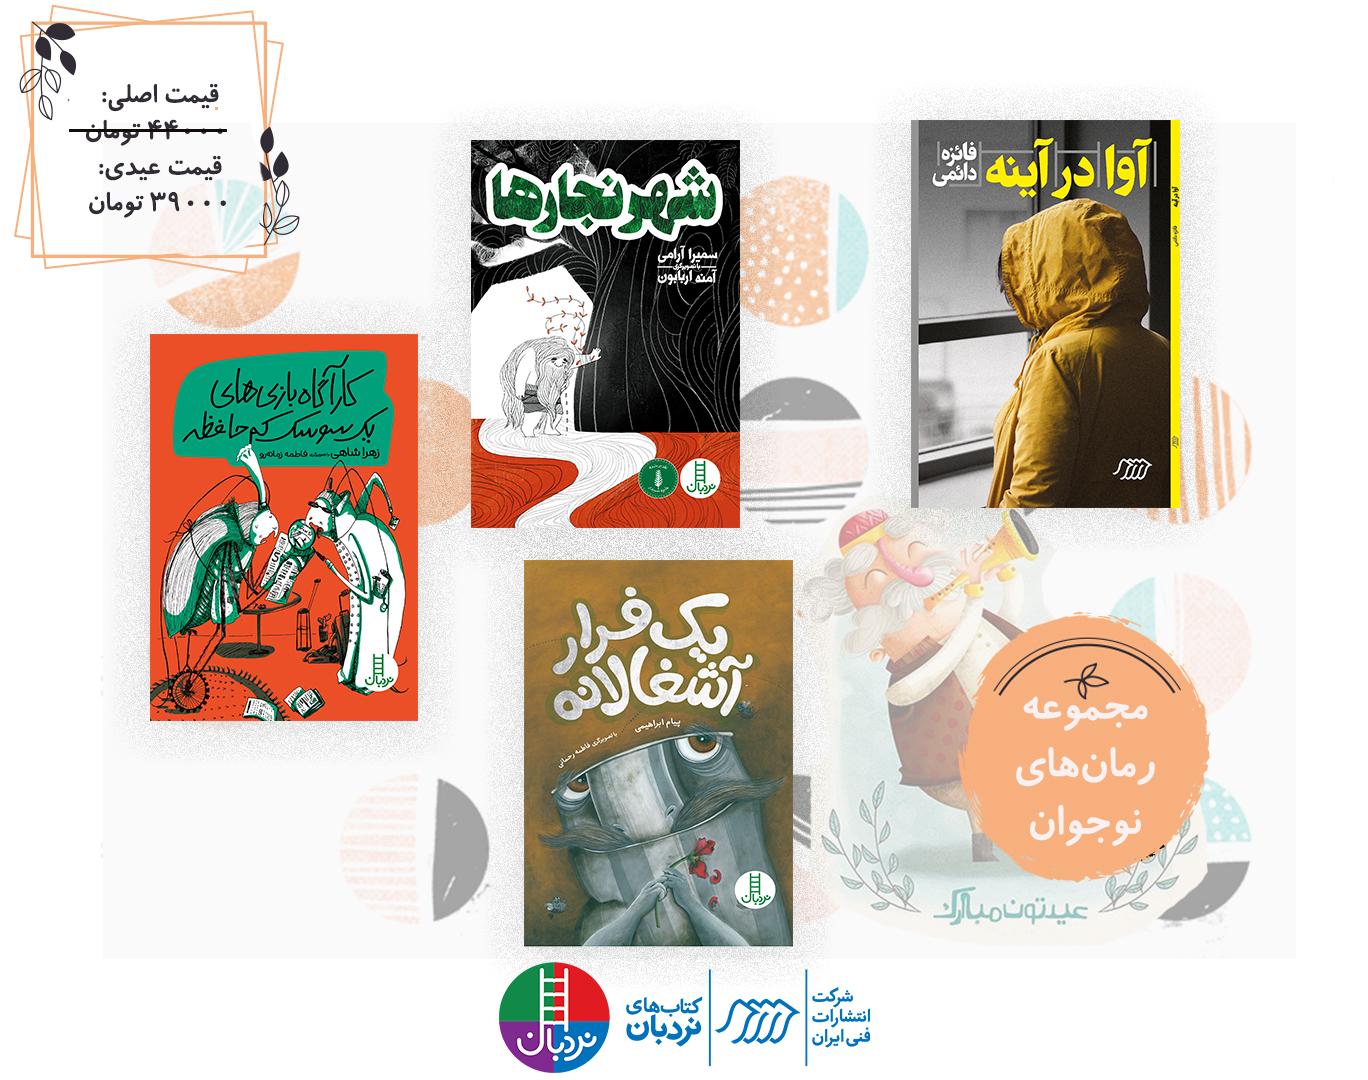 بسته عیدی برای نوجوانان (1)